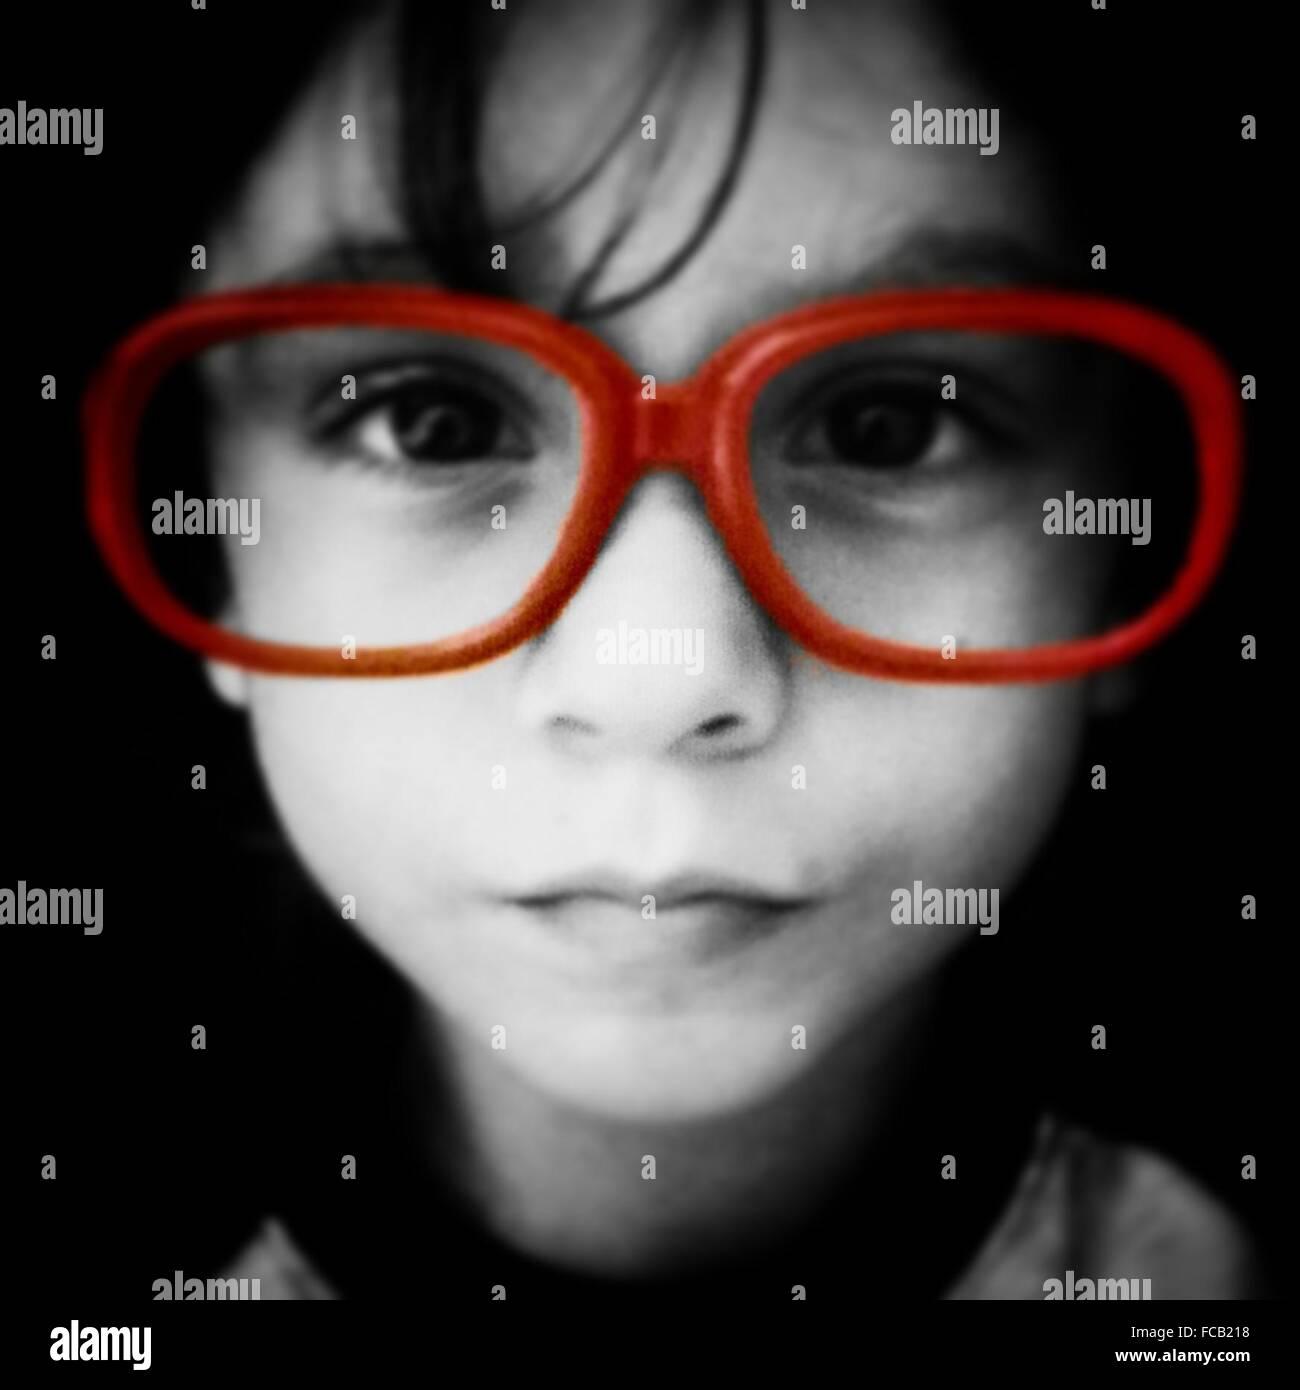 Garçon portant des lunettes cerclées de rouge Photo Stock